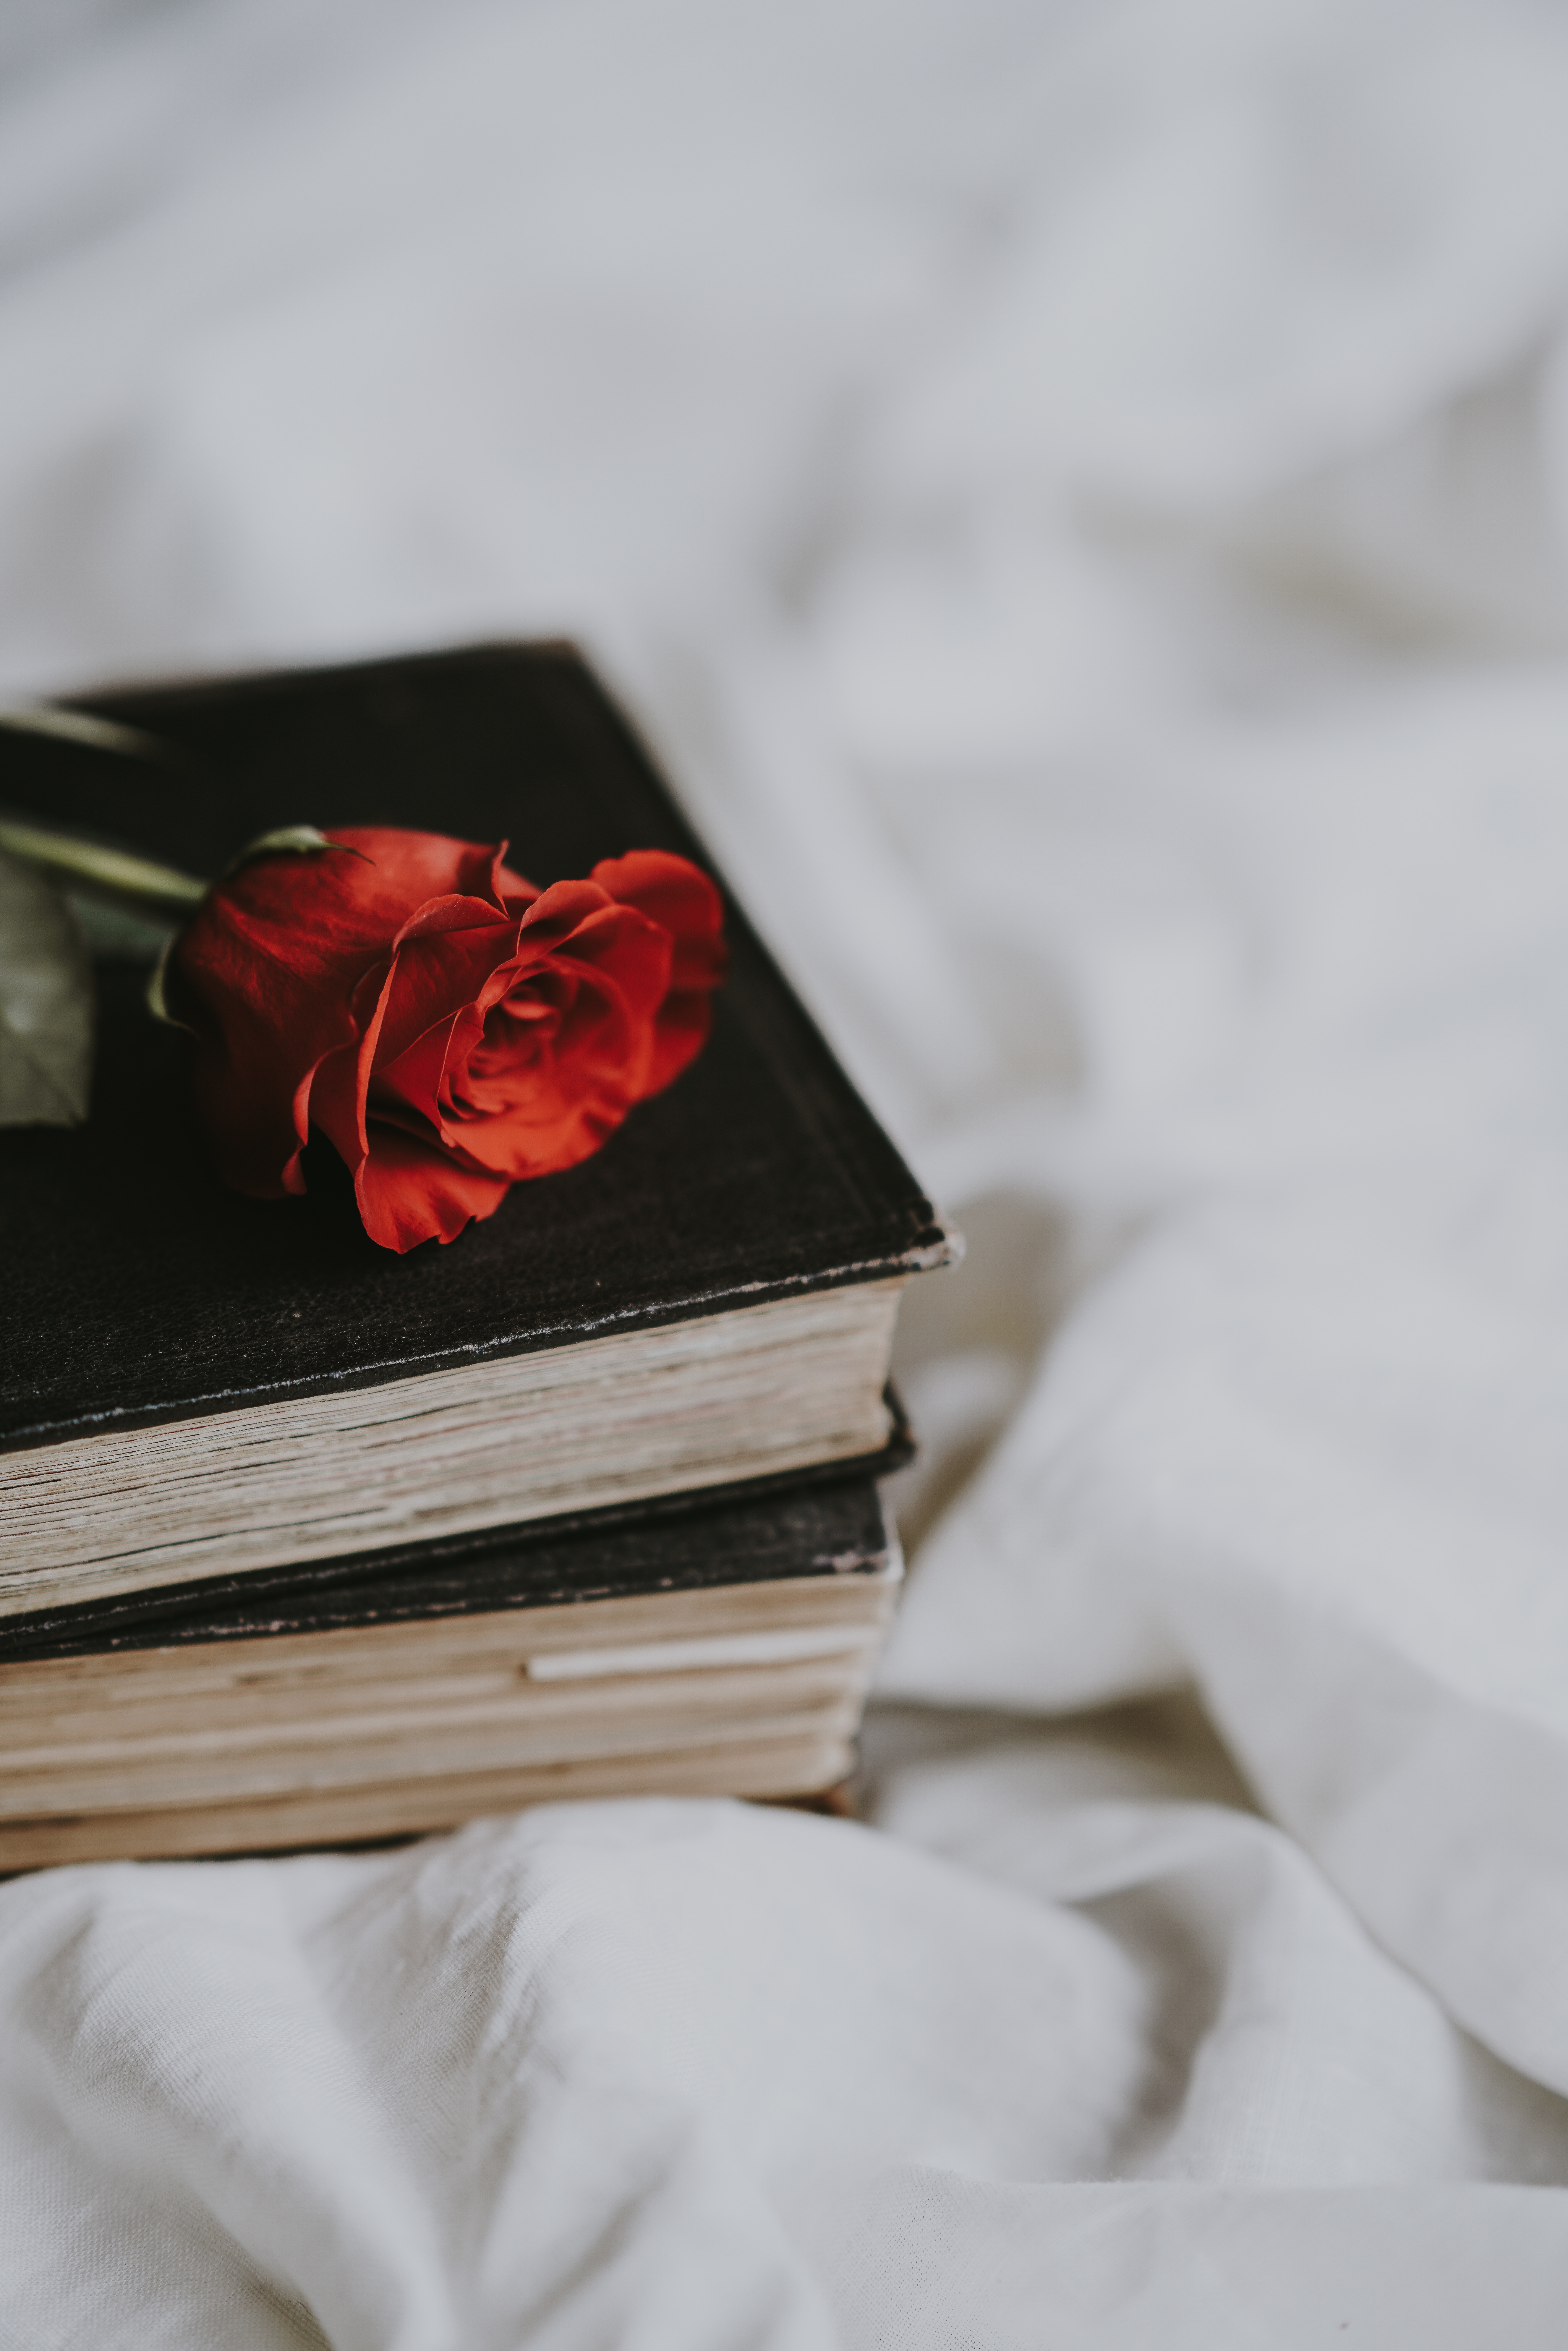 116350 Hintergrundbild herunterladen Blume, Blumen, Bücher, Rose, Unschärfe, Glatt - Bildschirmschoner und Bilder kostenlos